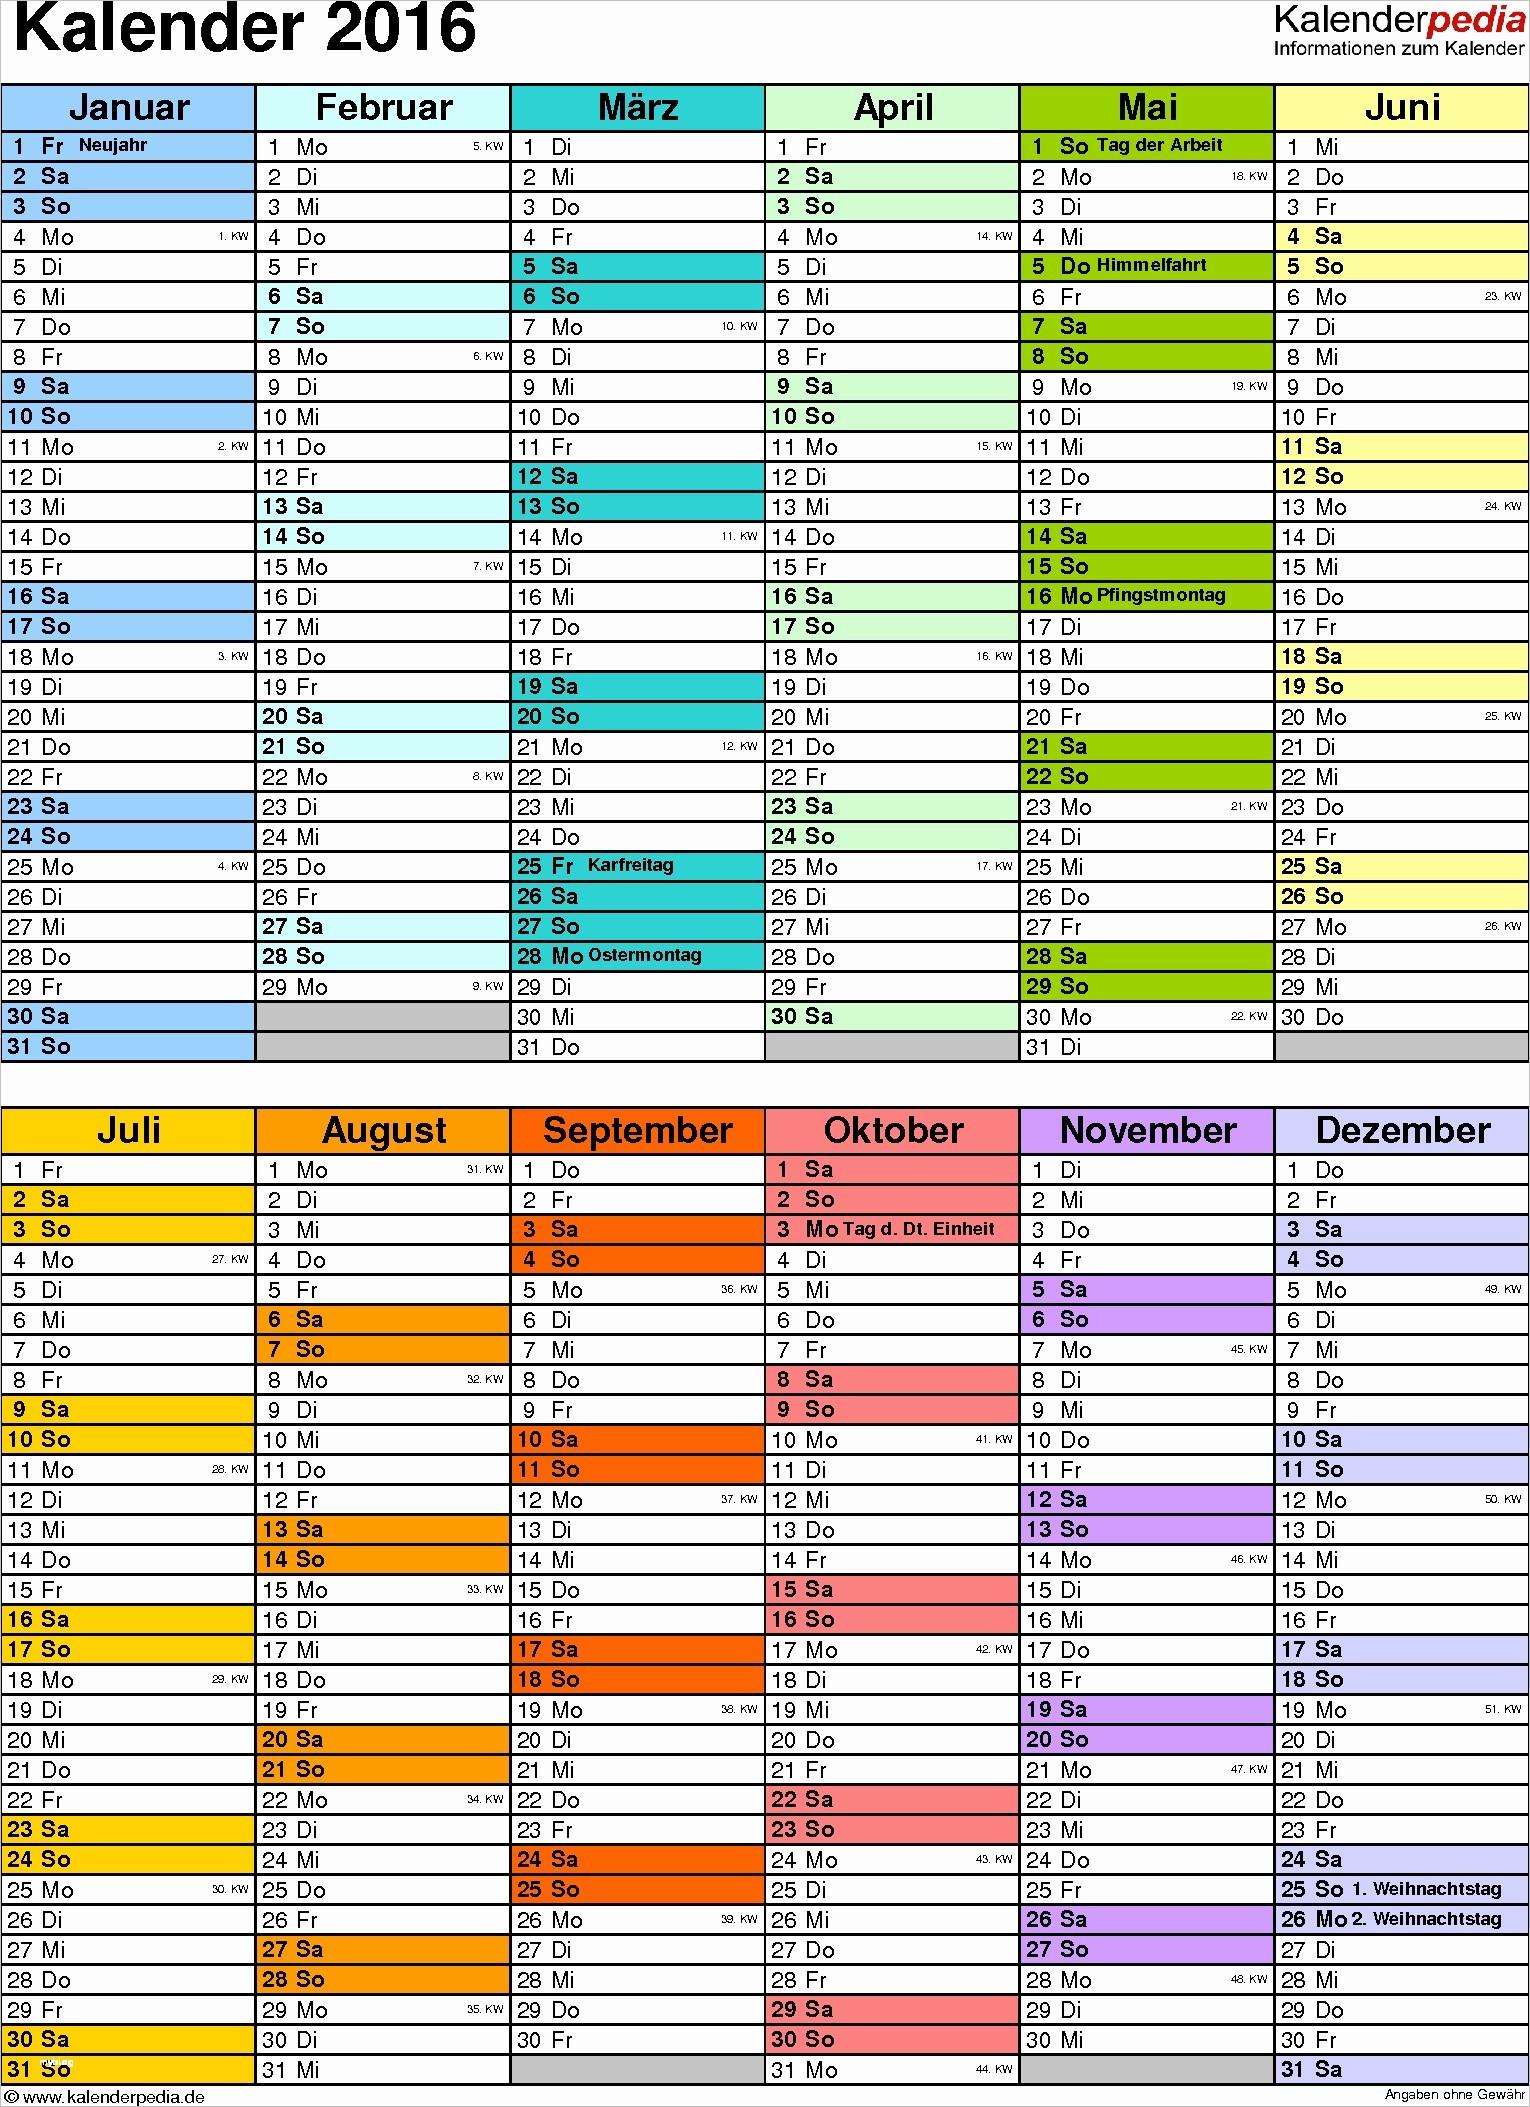 Jahreskalender 2016 Drucken Best Excel Vorlage Kalender Schön Kalender 2016 In Excel Zum Ausdrucken